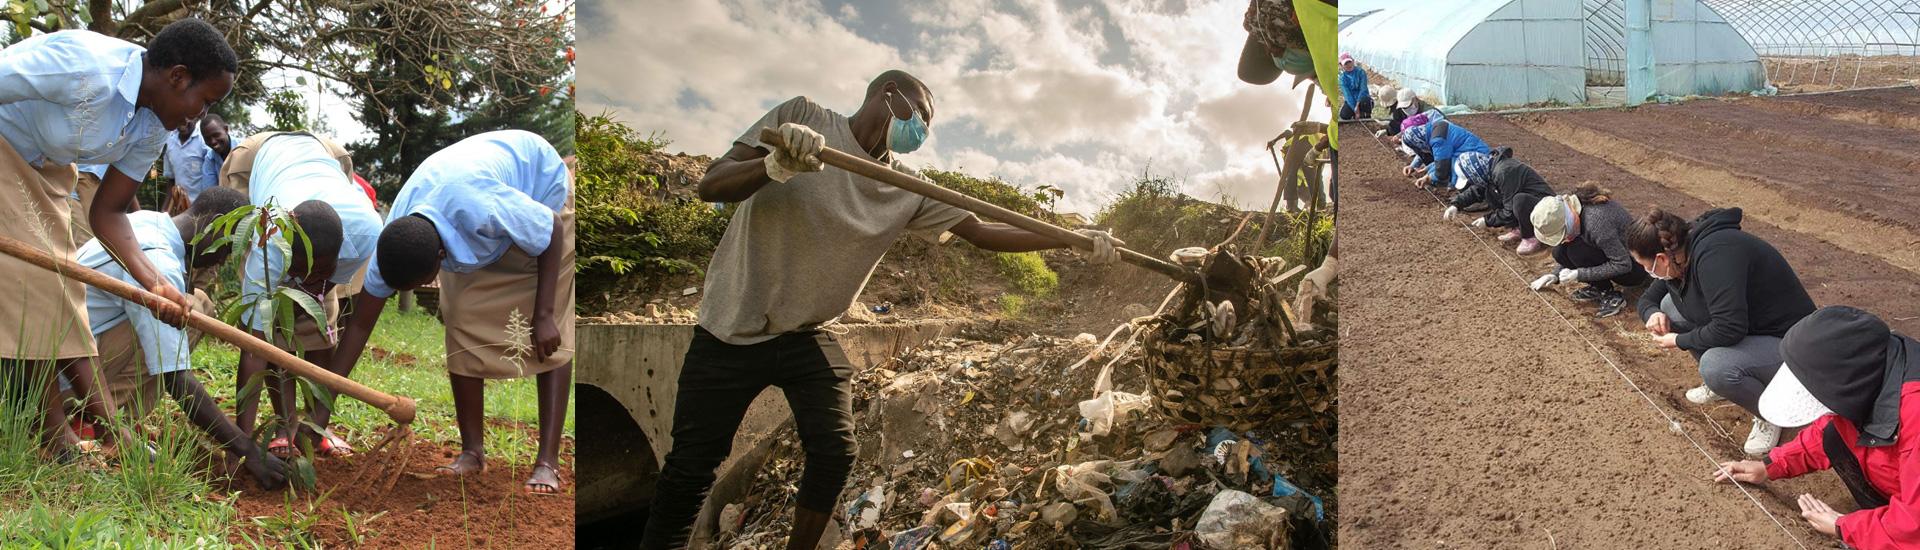 Día Mundial del Medio Ambiente: por un mundo sostenible y reconectado